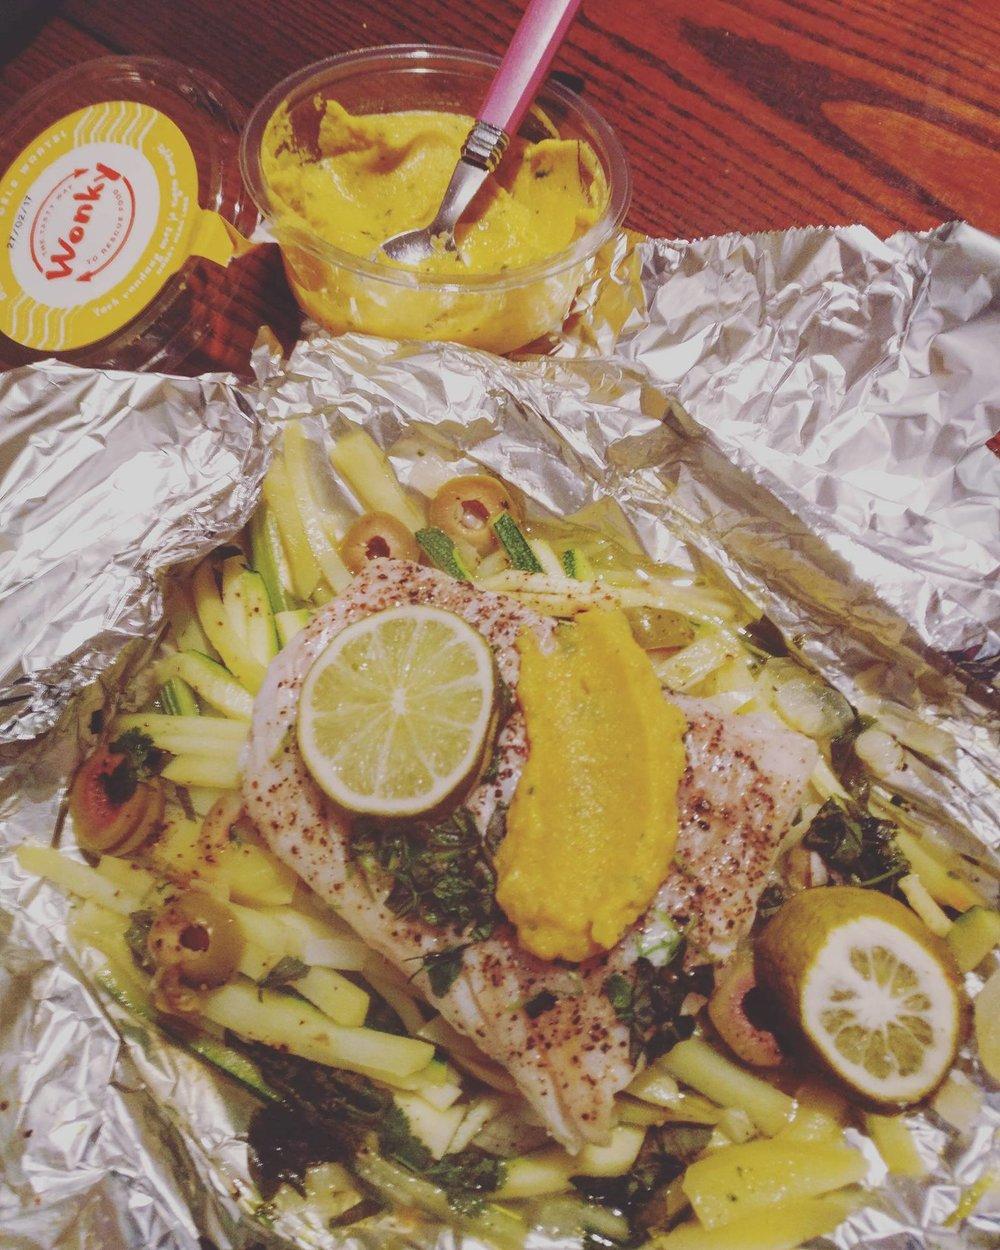 Kabeljauw in papillot met venkel, courgette en worteldip